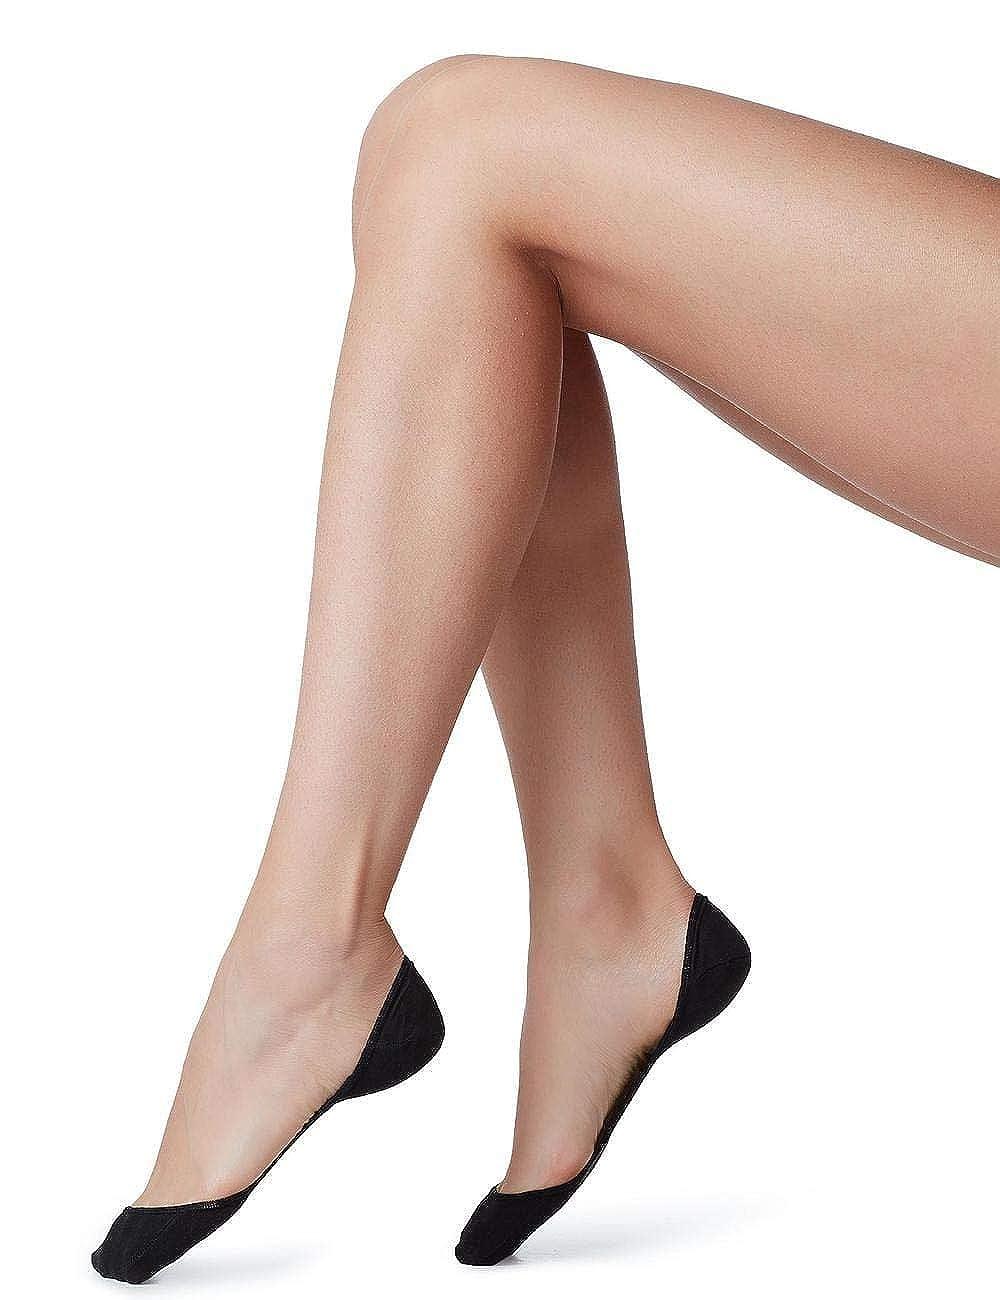 Calzedonia - Calcetines cortos - para mujer negro Schwarz - 019: Amazon.es: Ropa y accesorios